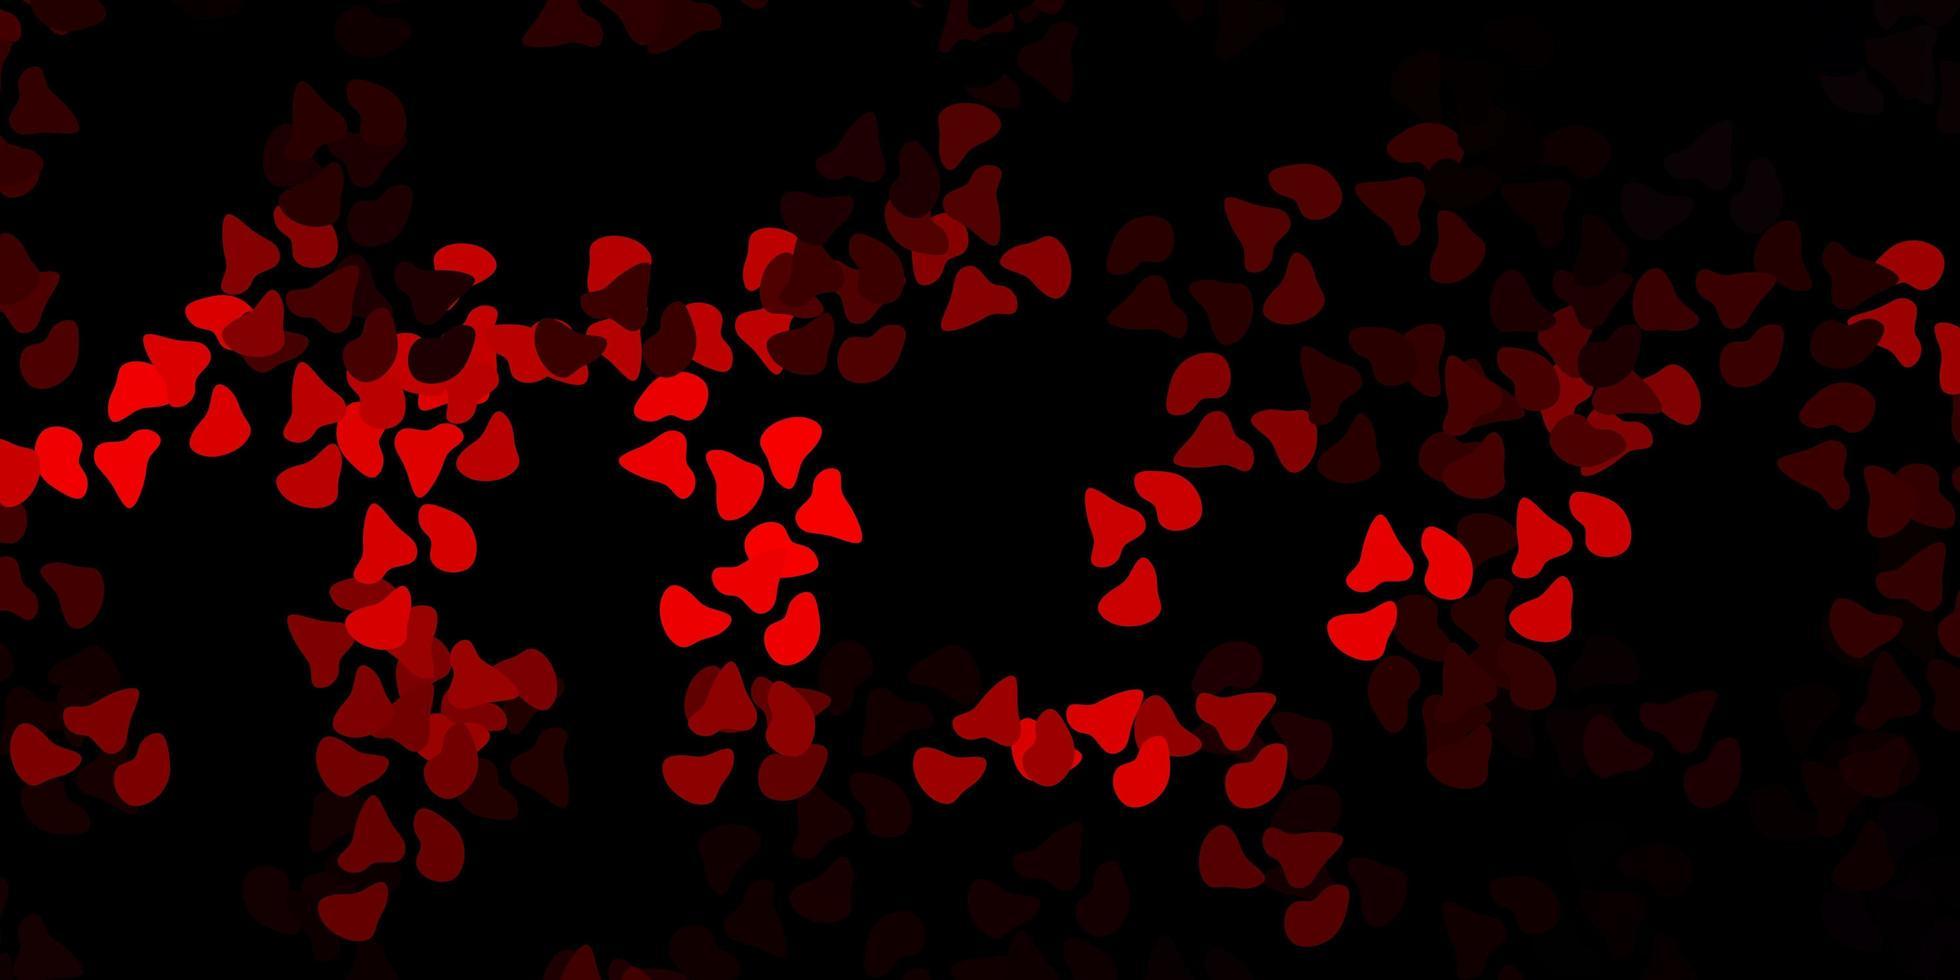 toile de fond rouge foncé avec des formes chaotiques. vecteur